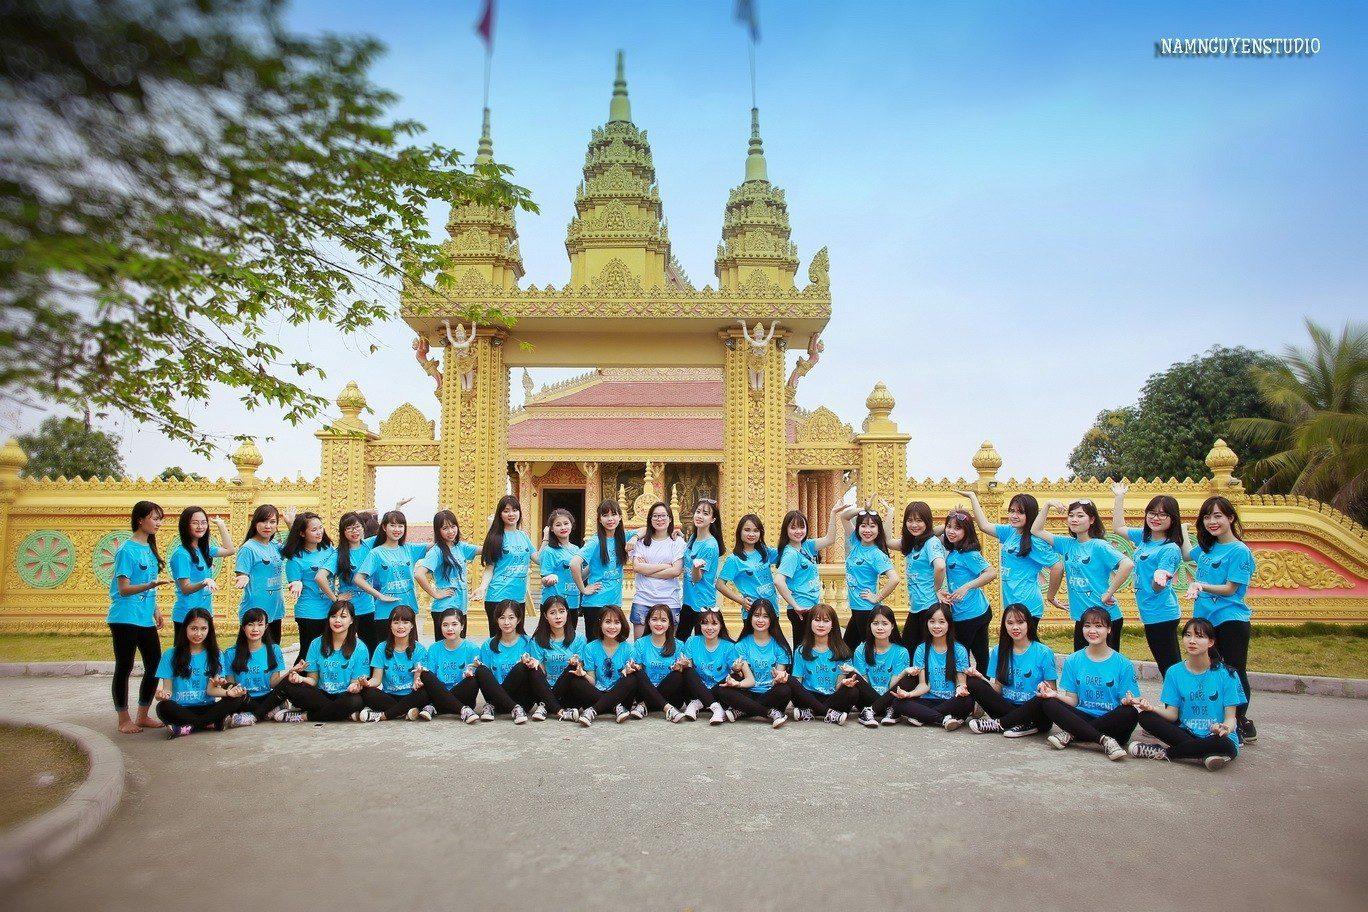 20161209151304569632 THPT TÙNG THIÊN - Áo lớp xanh lơ của lớp 12C8 trường THPT Tùng Thiện – Hà Nội